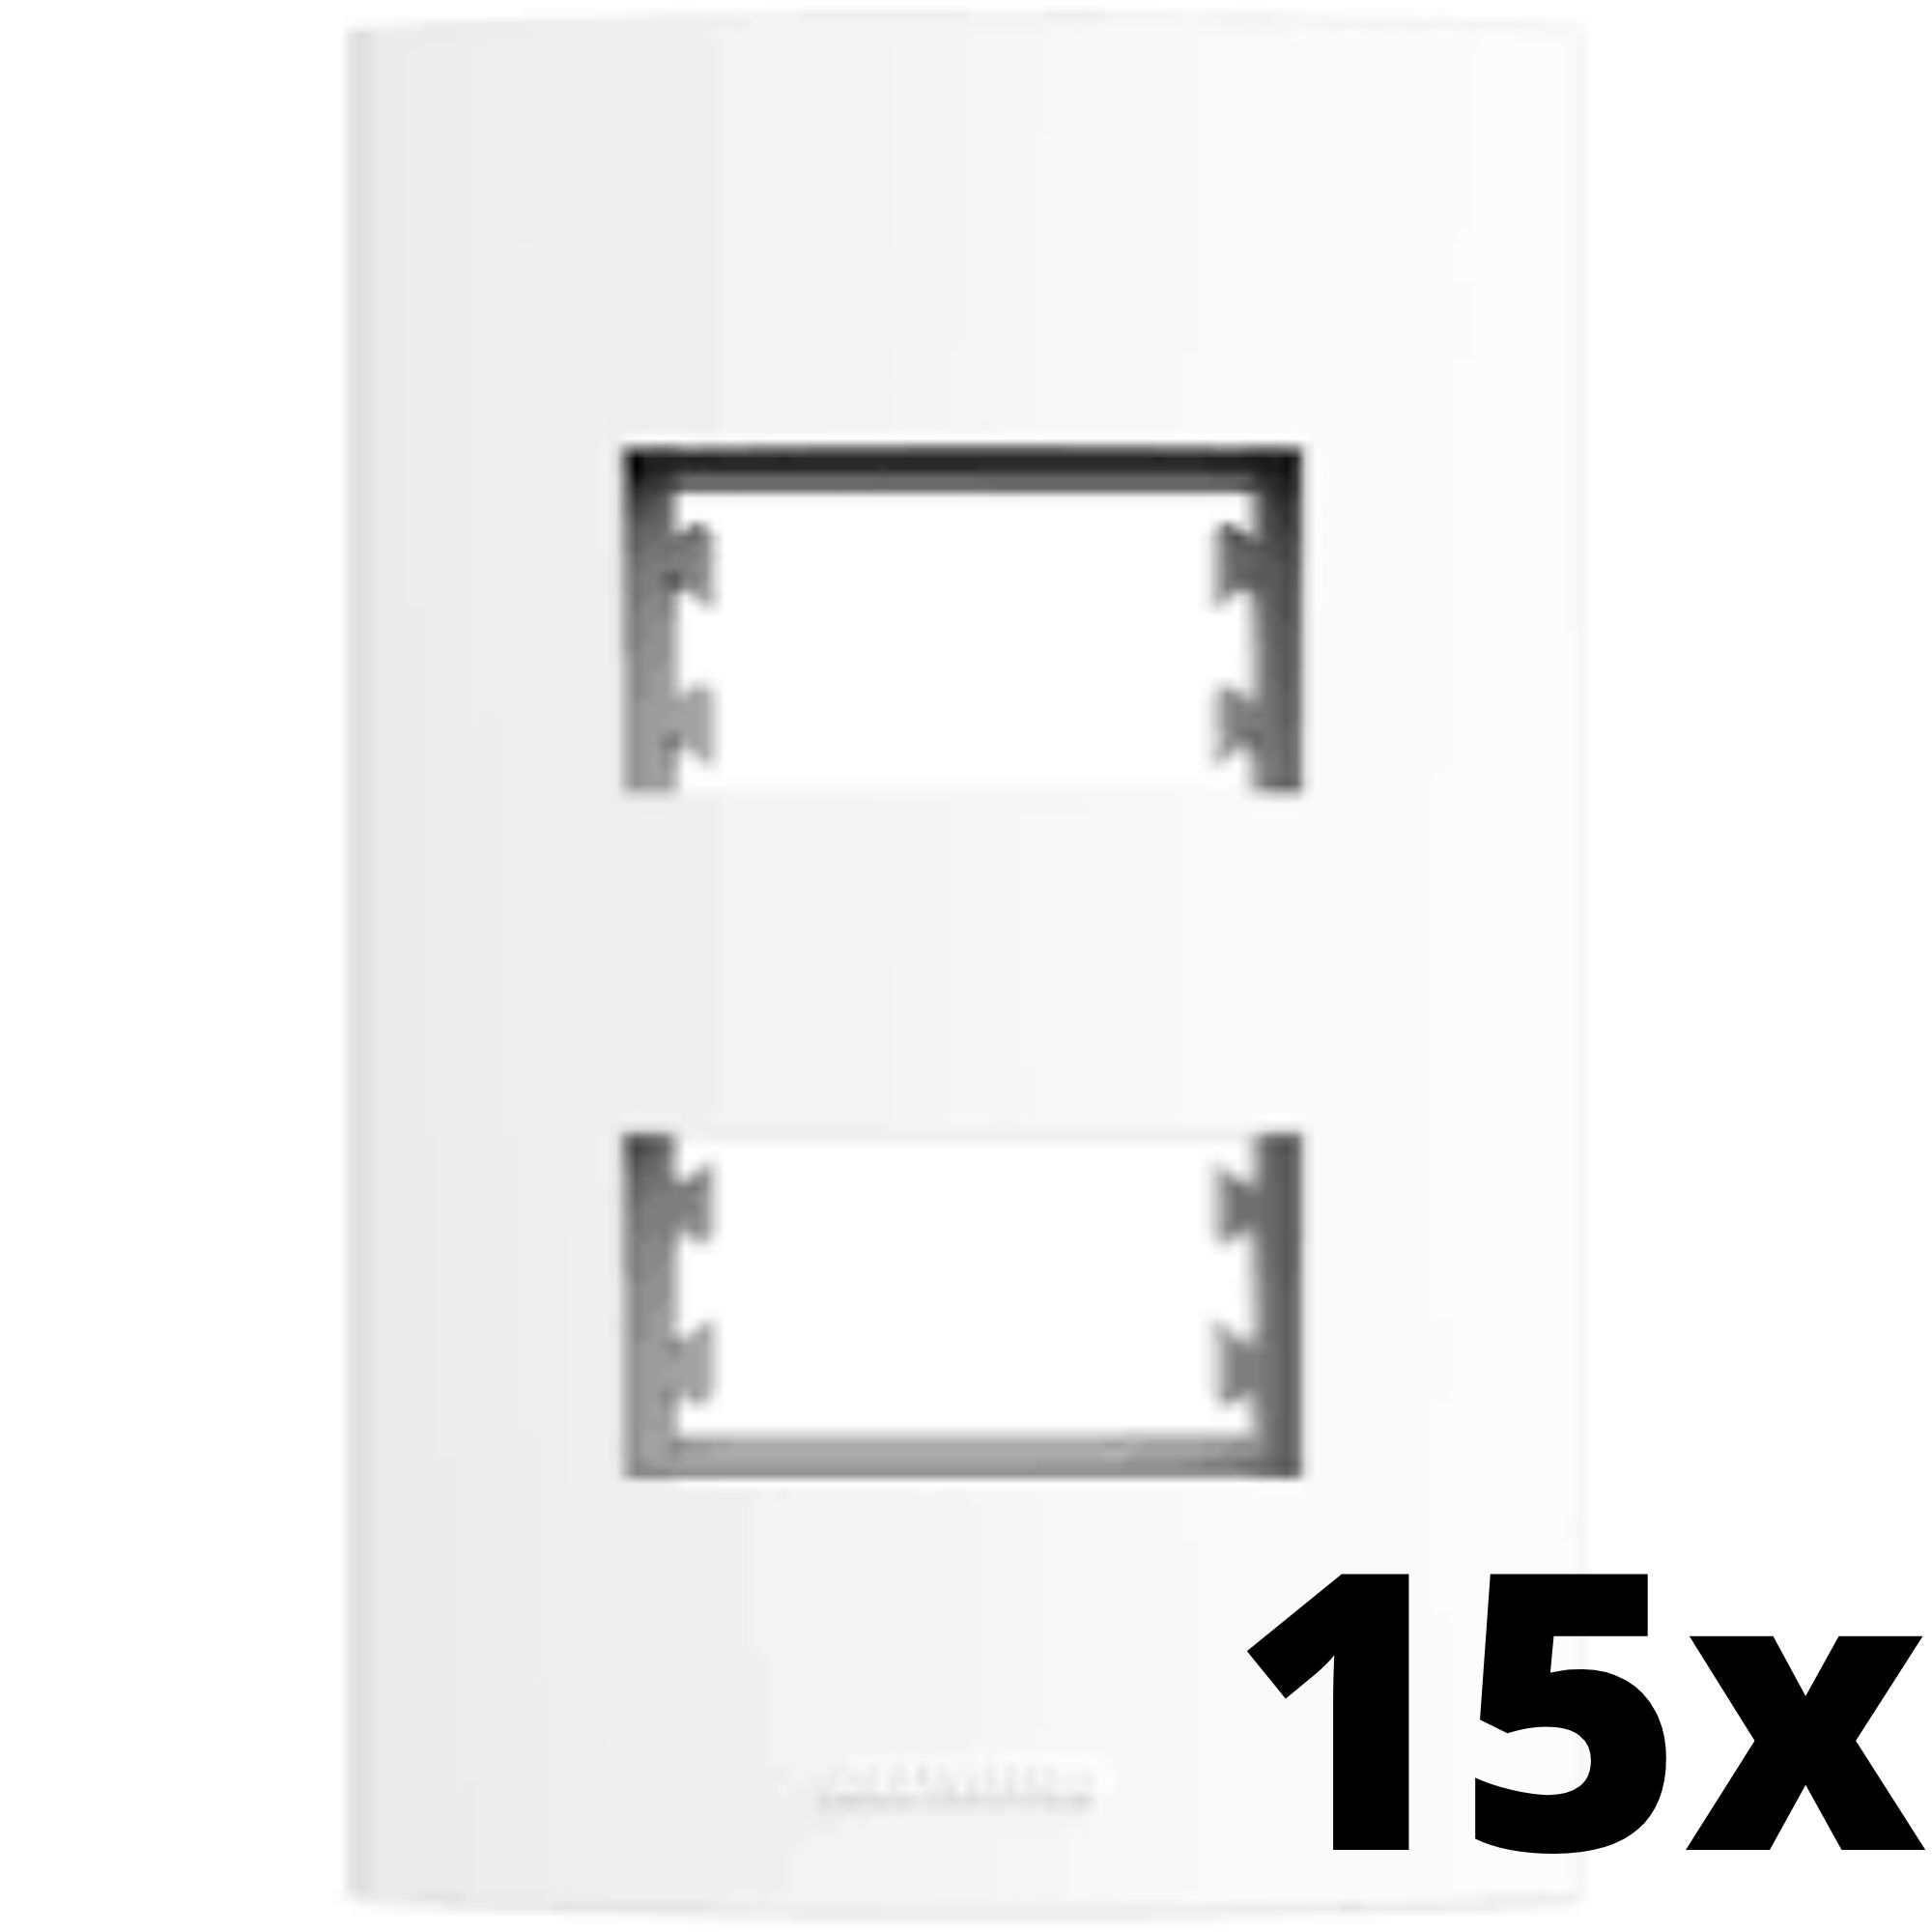 Kit 15 und Alumbra Bianco Pró Placa 4x2 2 Seções Distanciadas